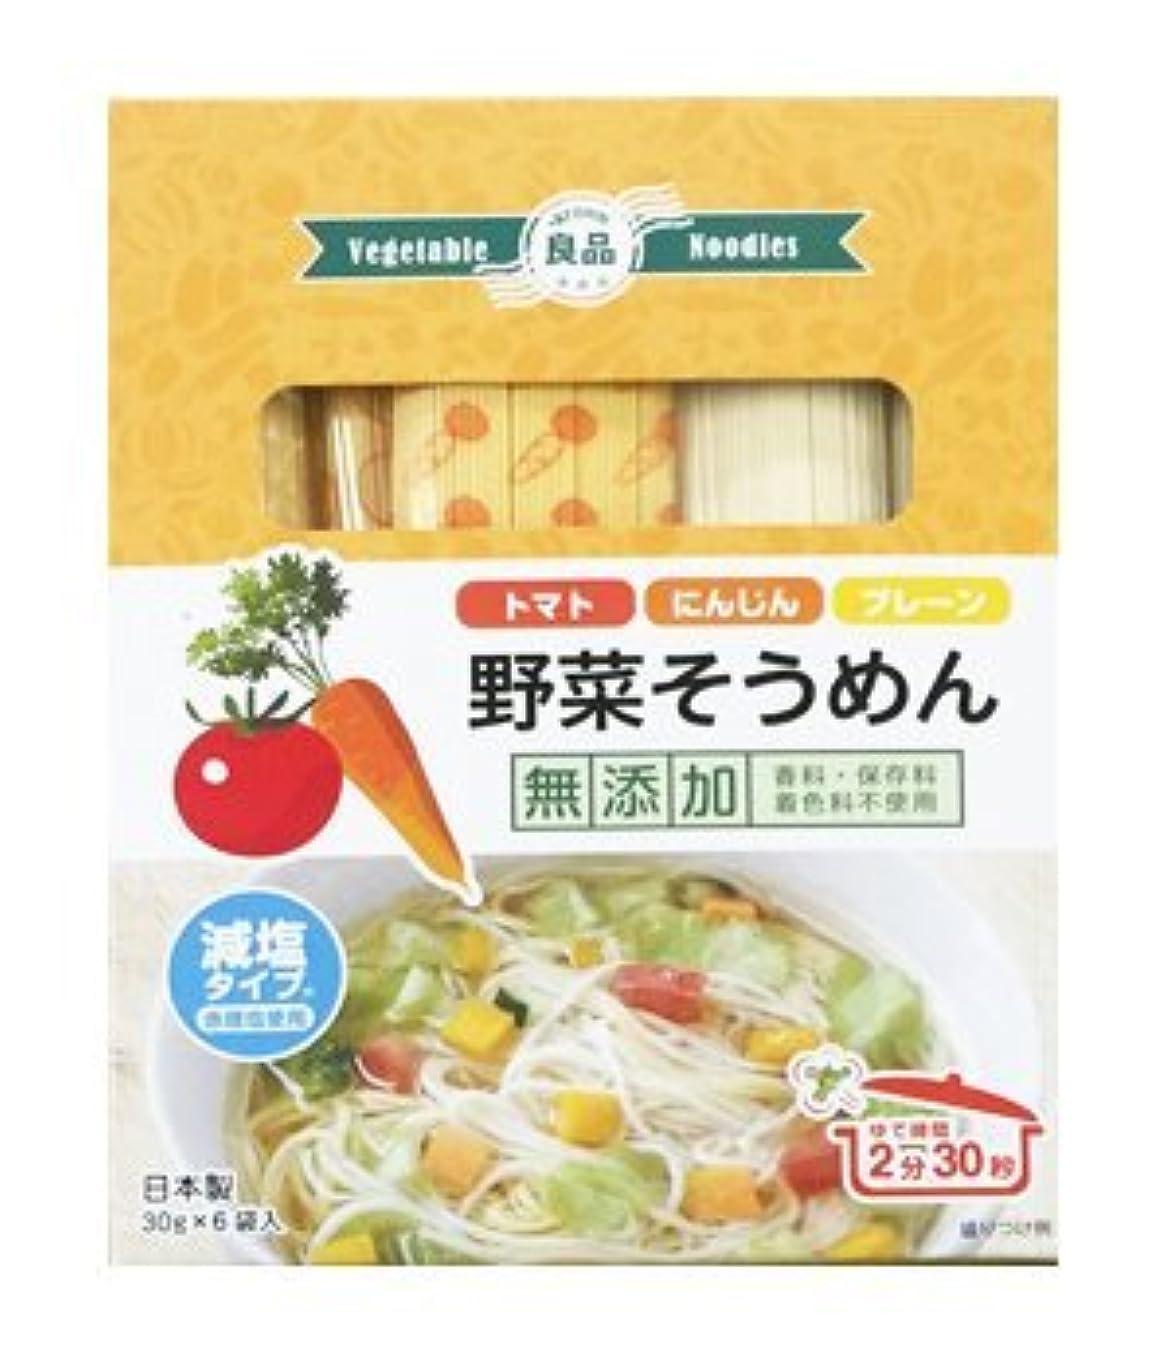 正確第五水族館良品 野菜そうめん(トマト?にんじん?プレーン) 30g×6袋入